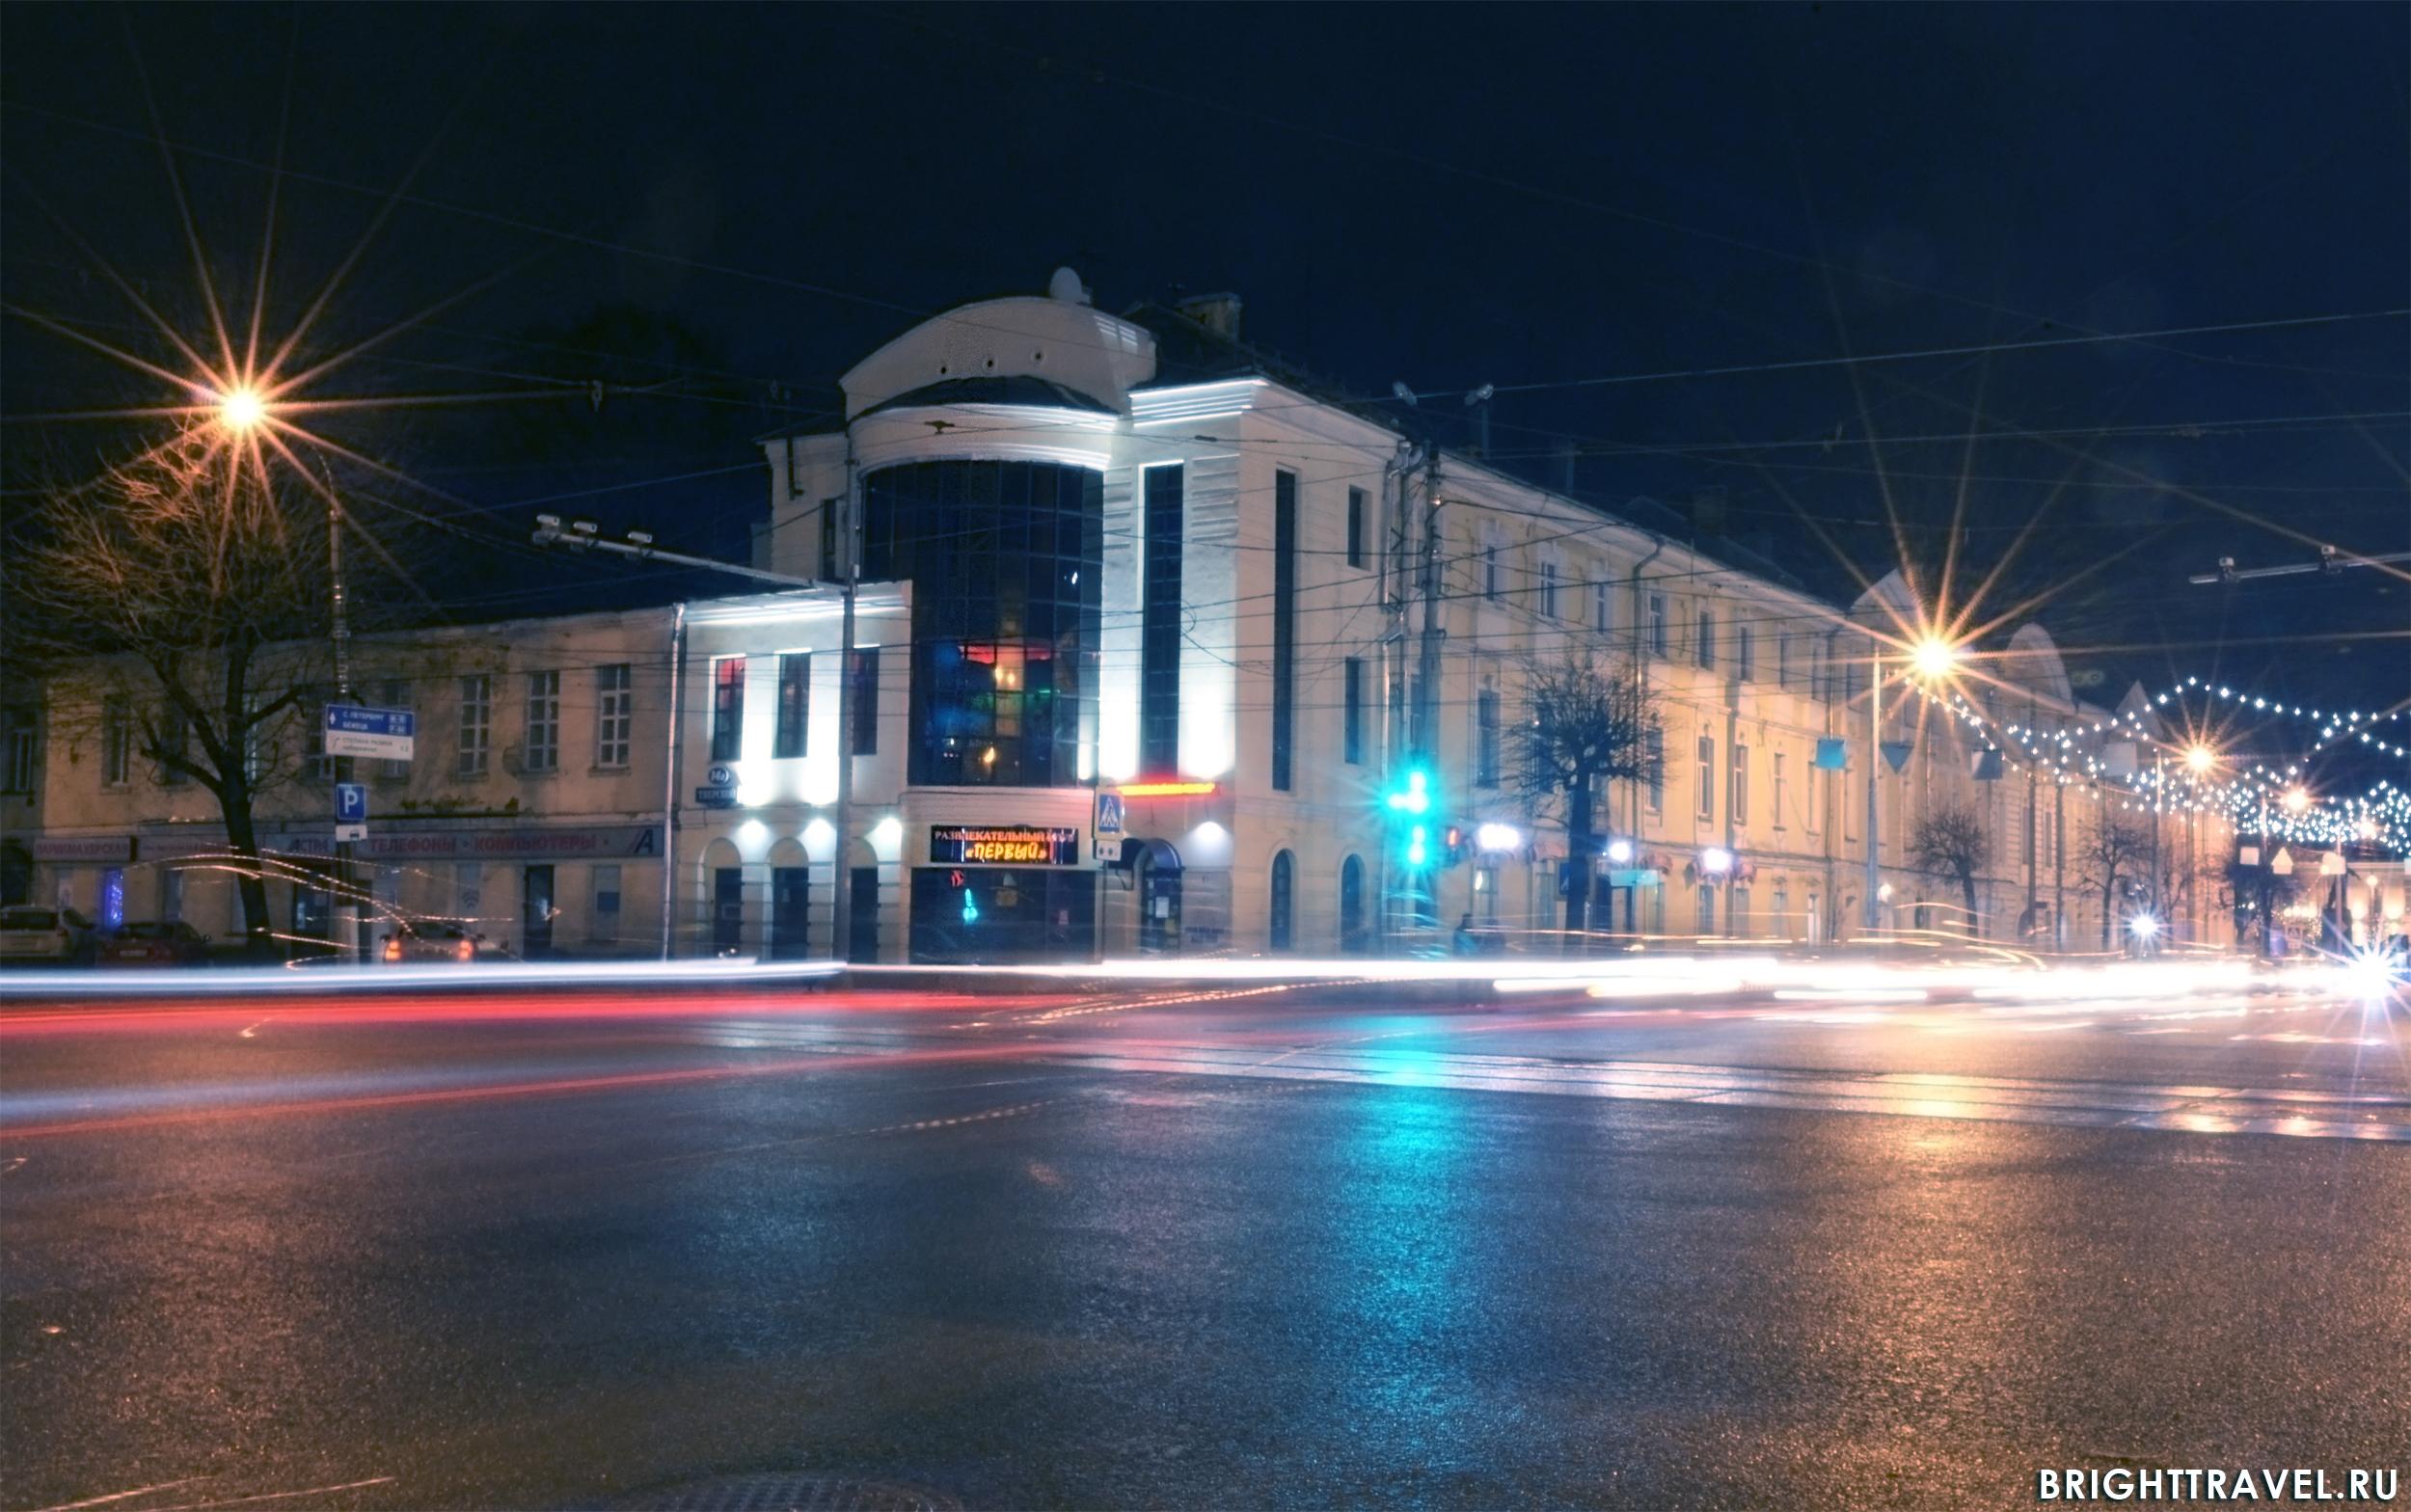 Фото вечерней Твери - на одном из перекрестков